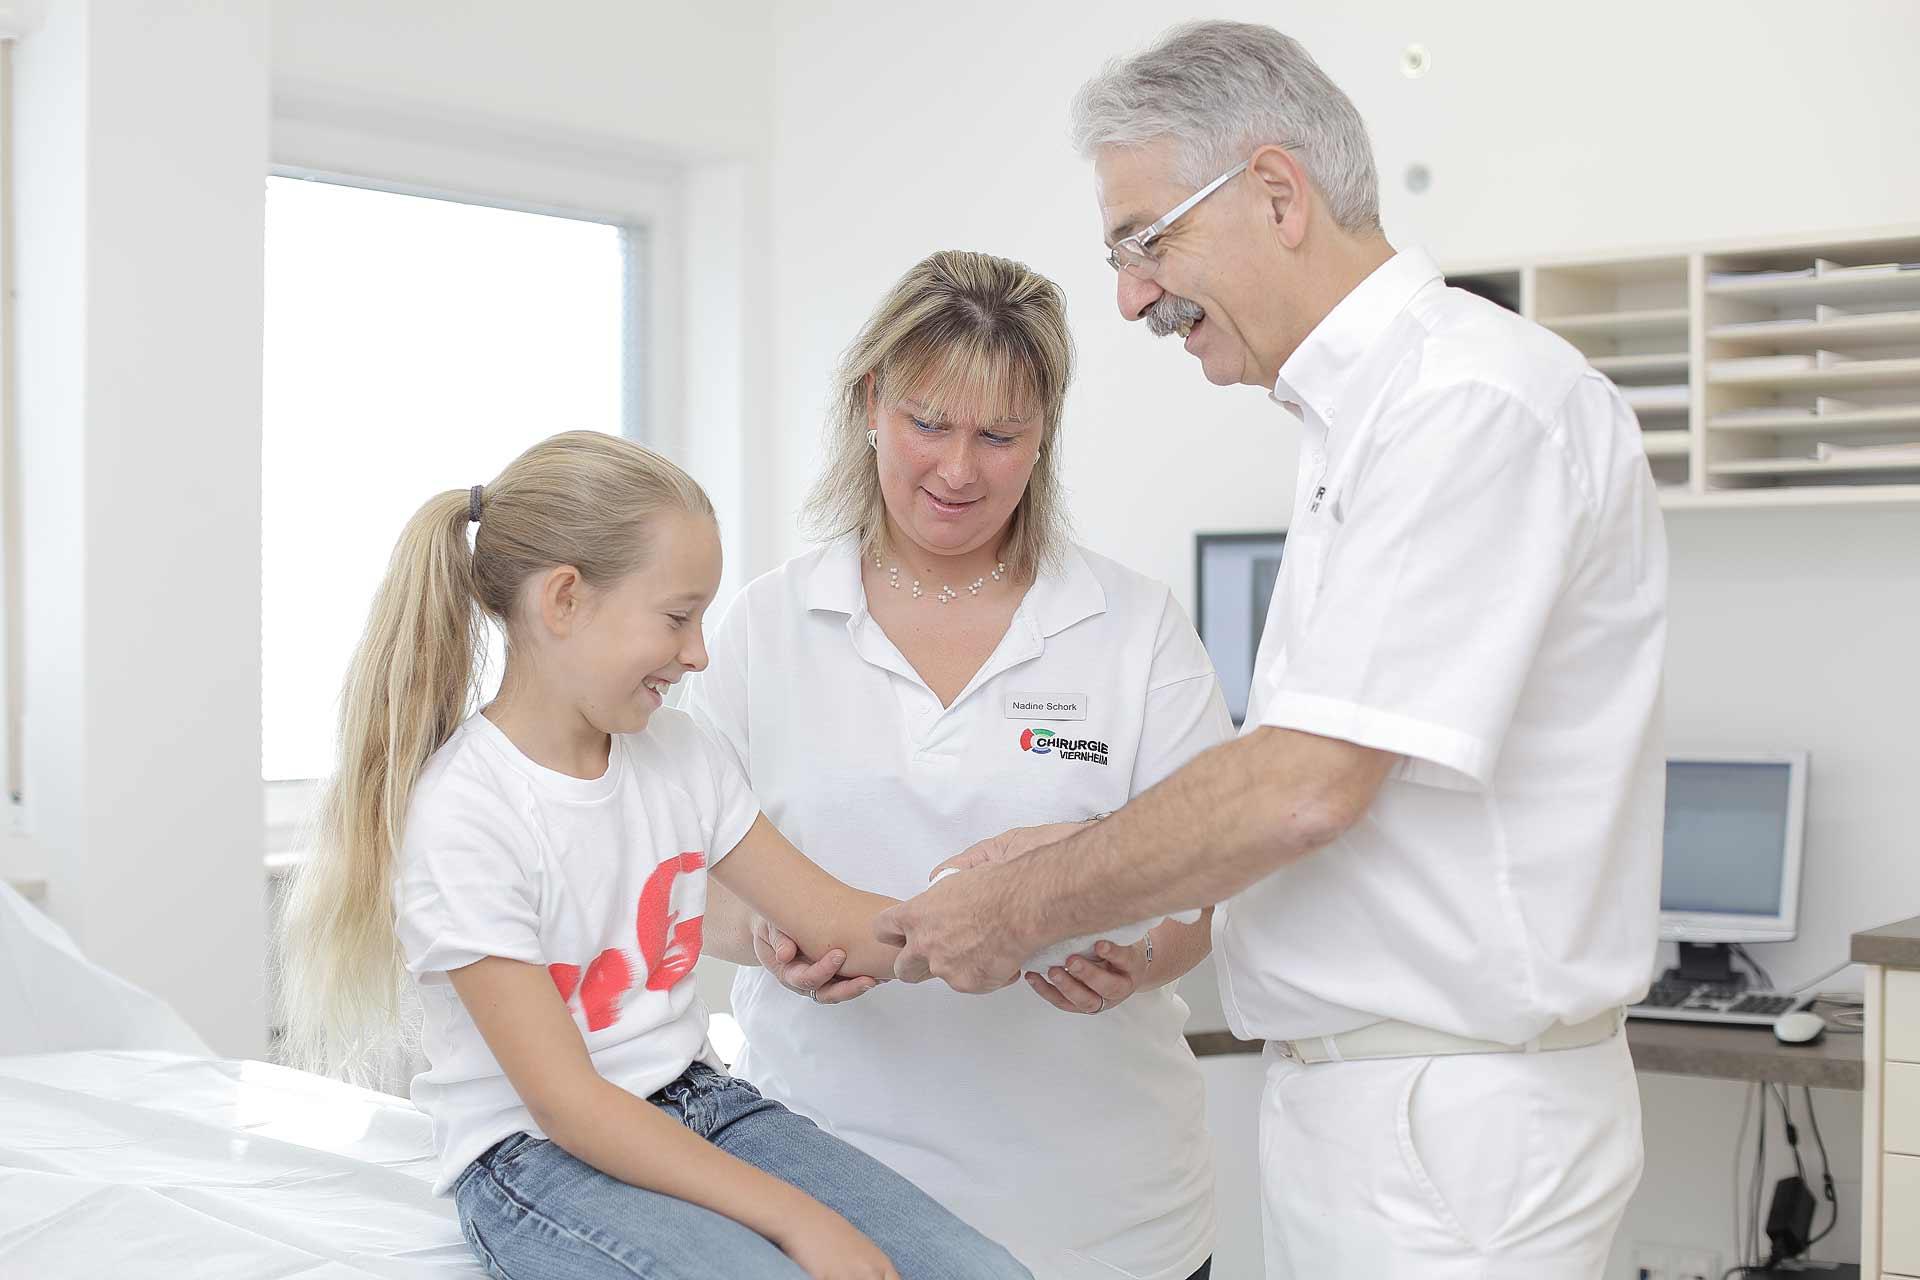 Durchgangs-Ärzte_Arbeitsunfall/Schulunfall Chirurgie_Chirurgie Viernheim/Ladenburg